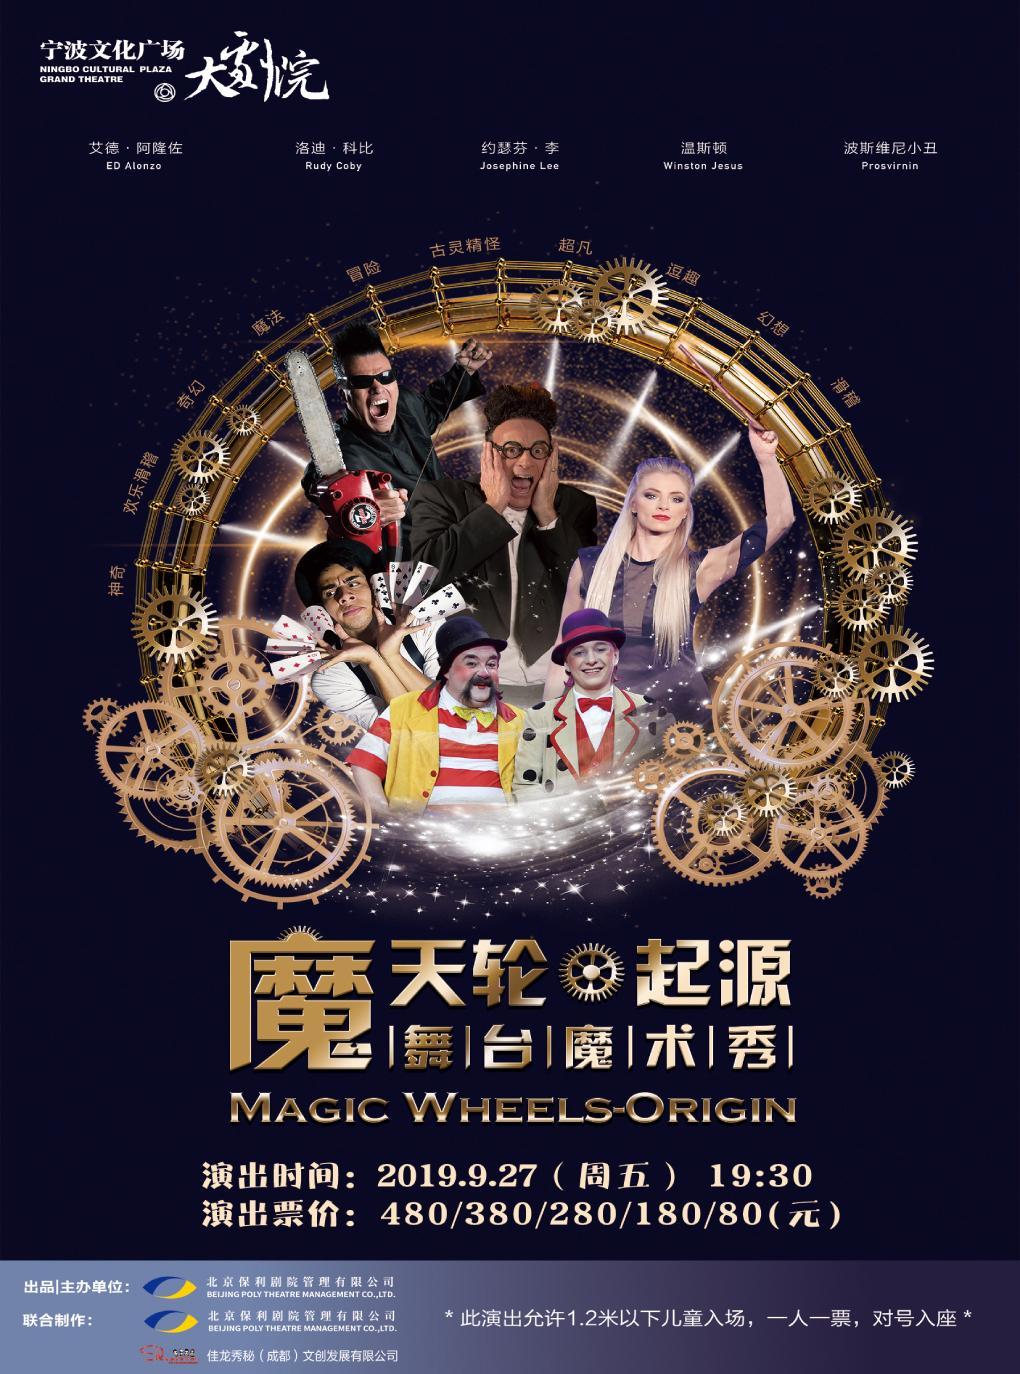 舞台魔术秀《魔天轮·起源》宁波站